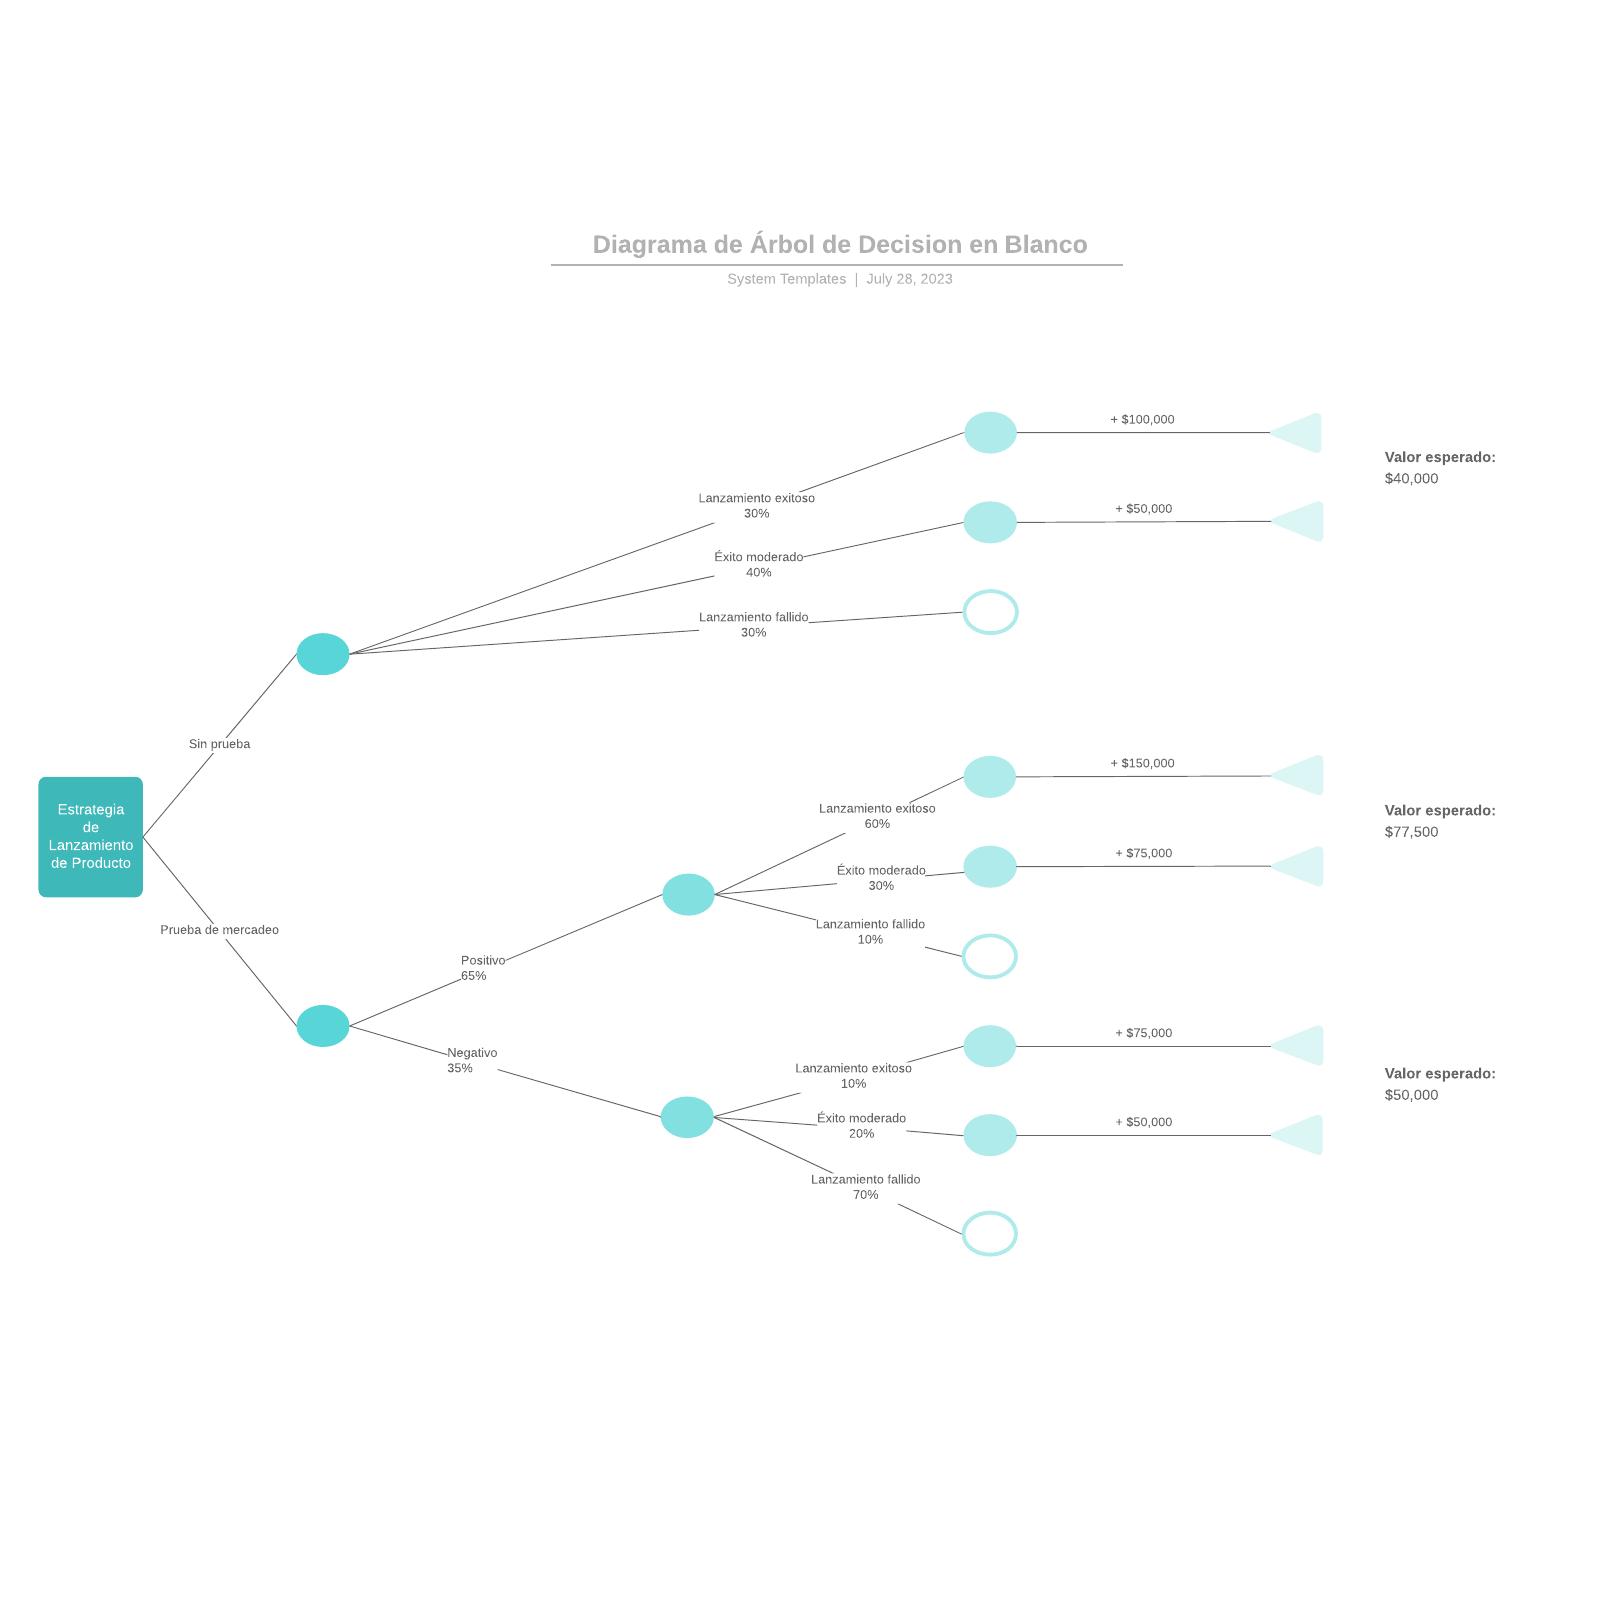 Diagrama de Árbol de Decision en Blanco